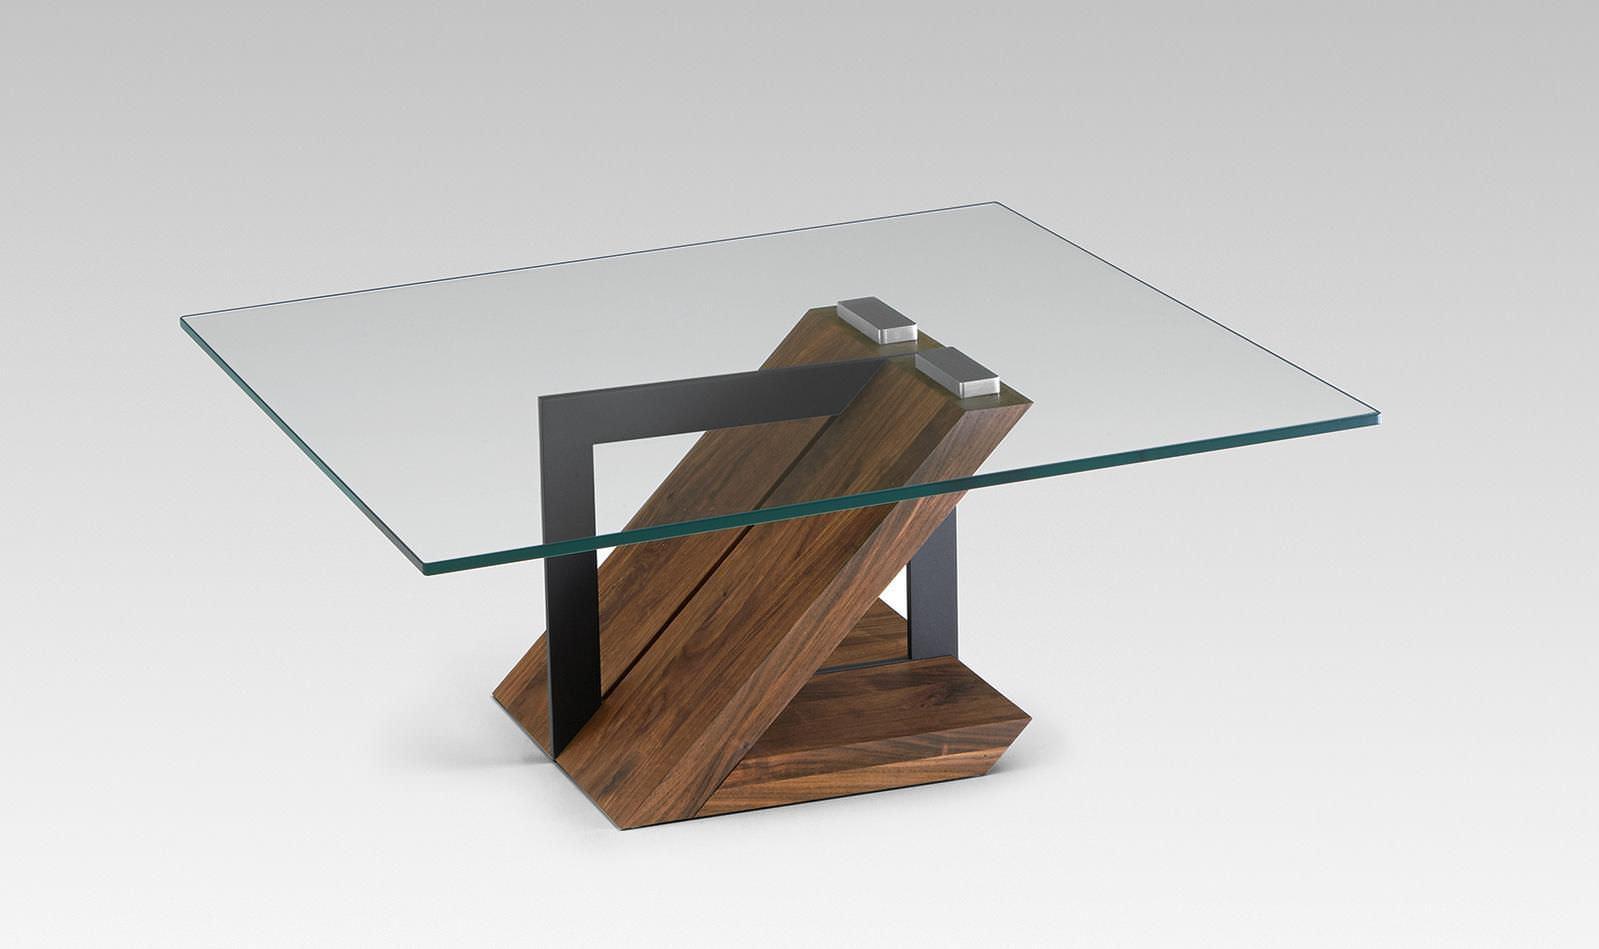 KG Moderner Couchtisch Holz Glas Rechteckig 4104 Alfons Venjakob GmbH Co